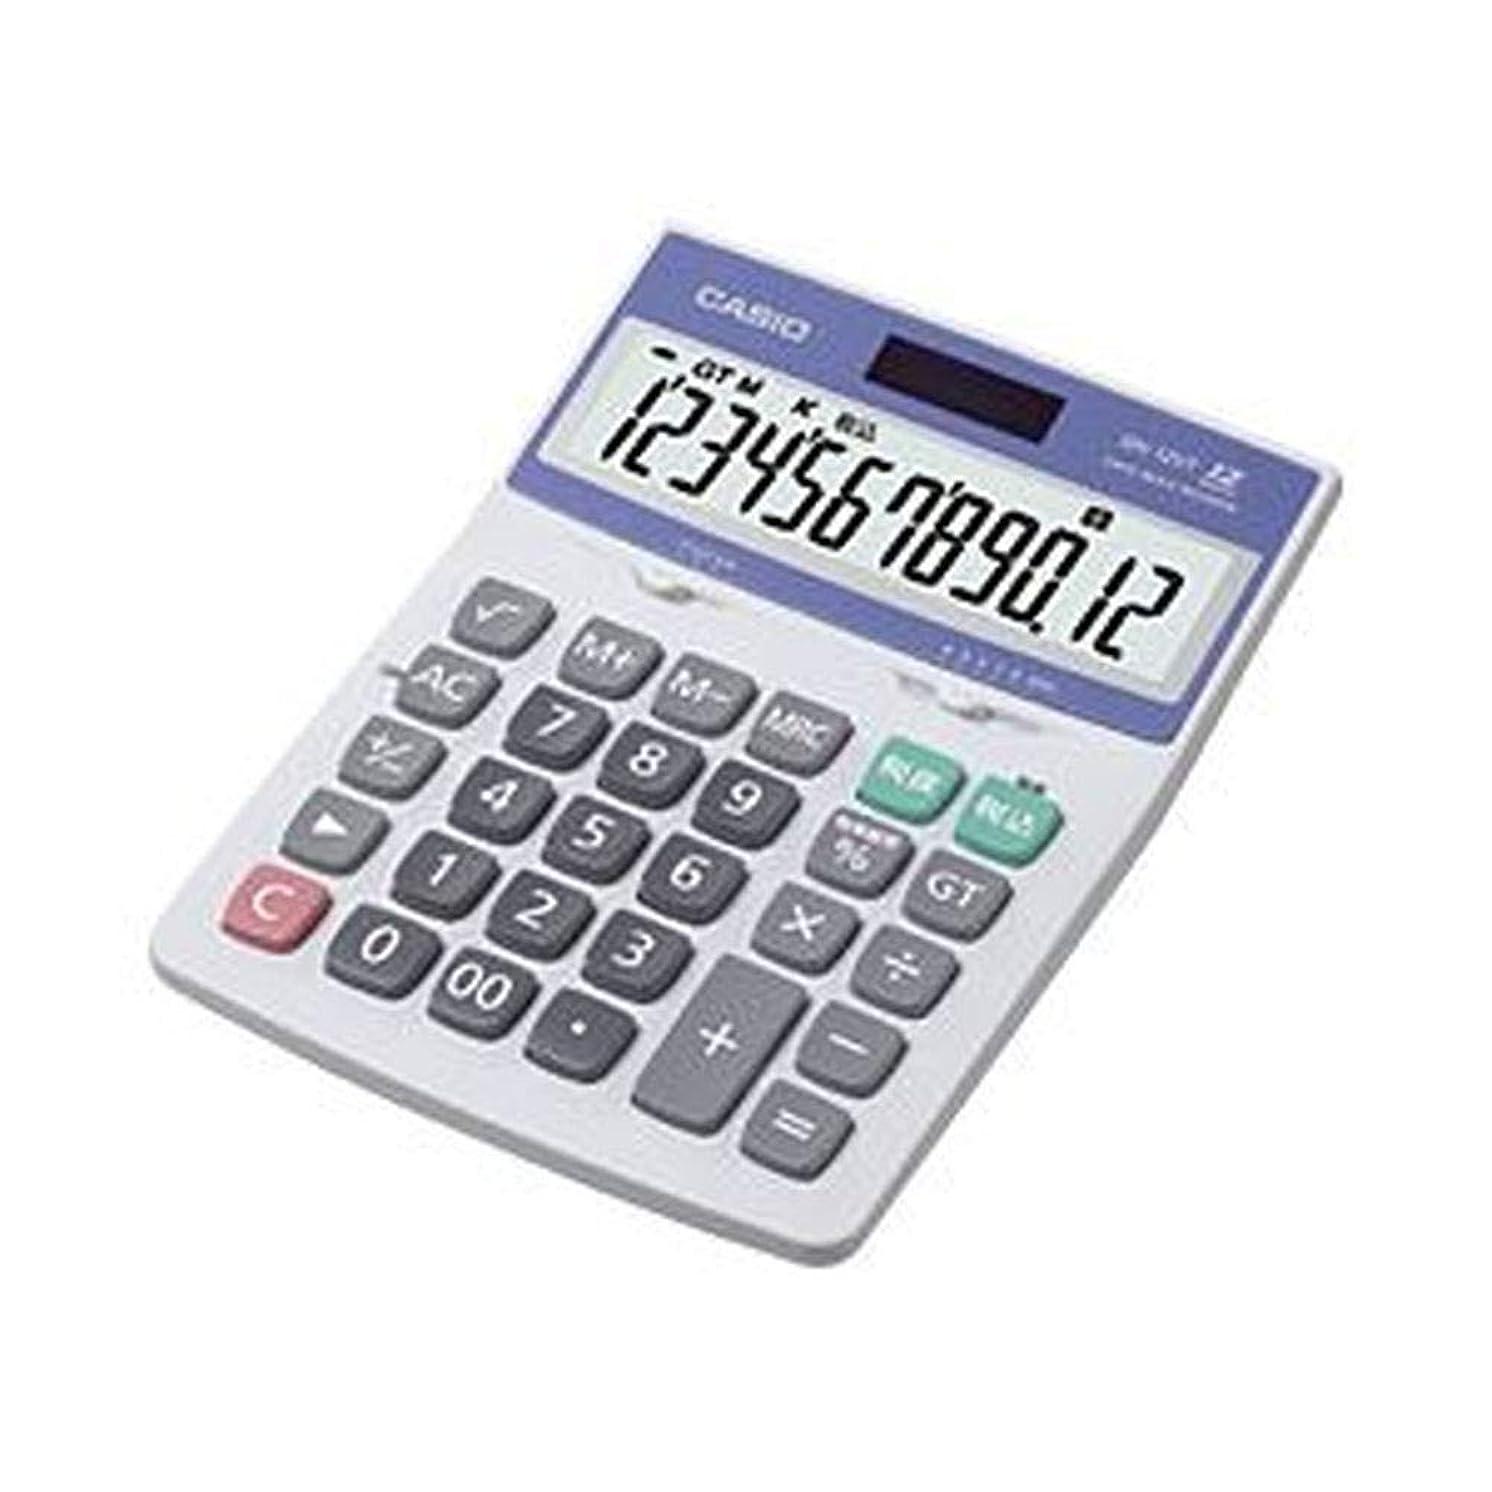 嵐の時間再生可能==業務用セット== ?カシオ==CASIO== ?中型電卓?12桁?縦17.5×横12.6×厚さ3.5cm?DH-12VT-N?1個?-×3セット-